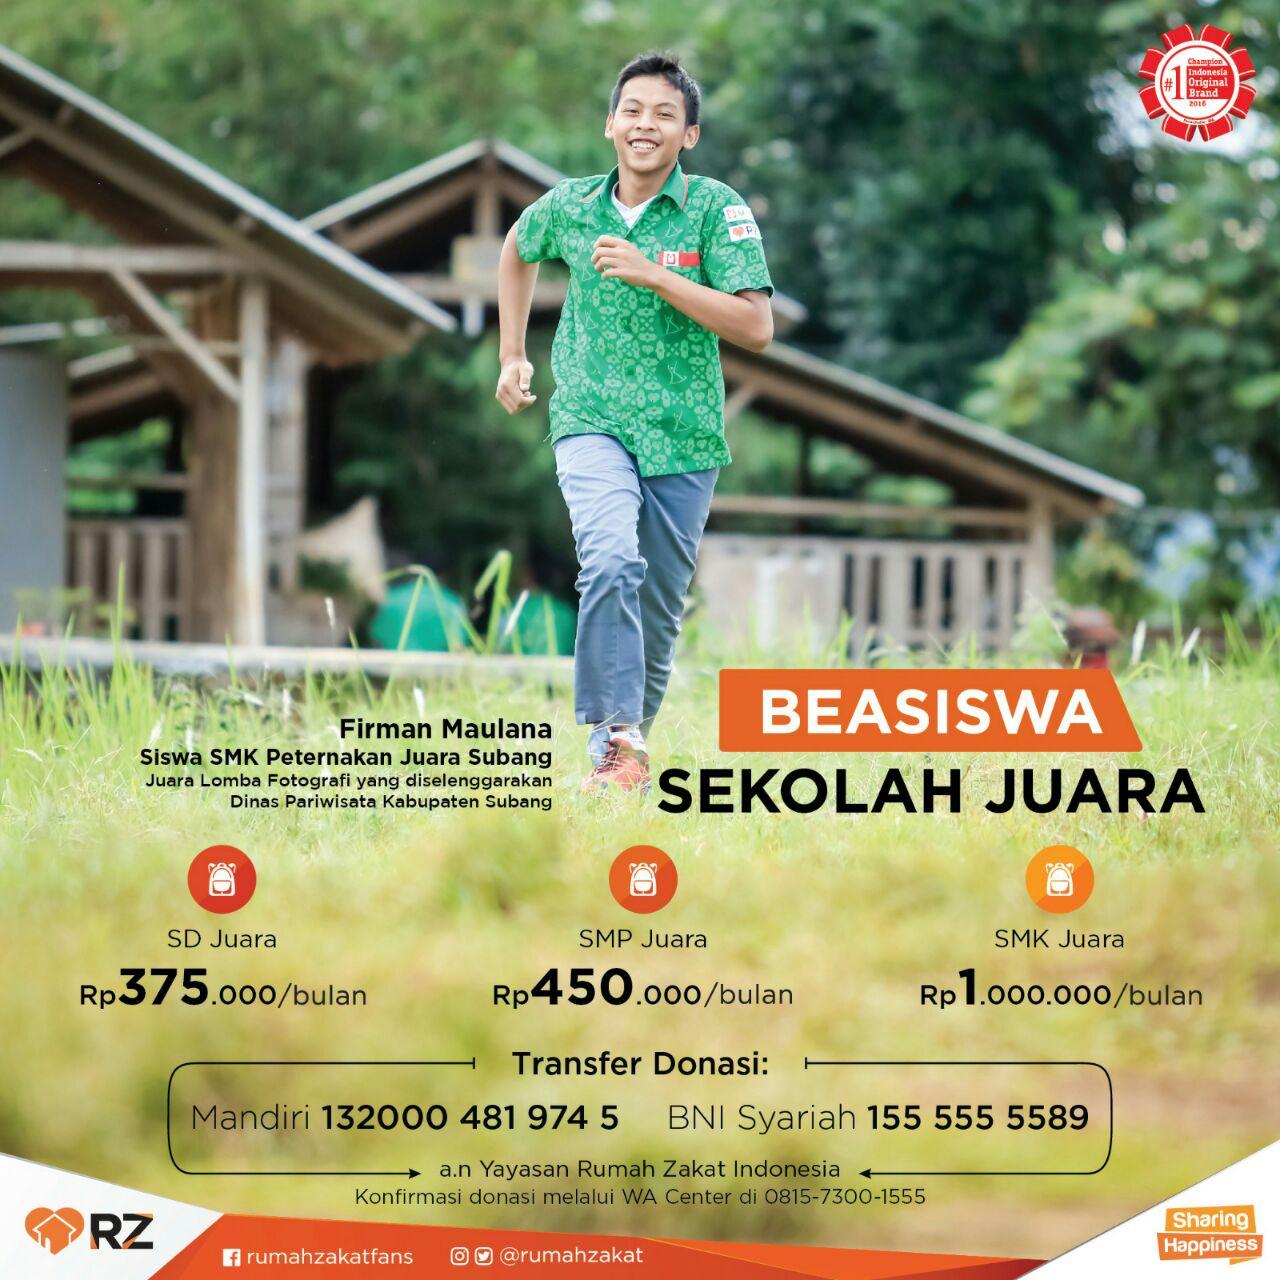 Beasiswa Juara Antarkan Siswa SMK Subang Juarai Lomba Fotografi